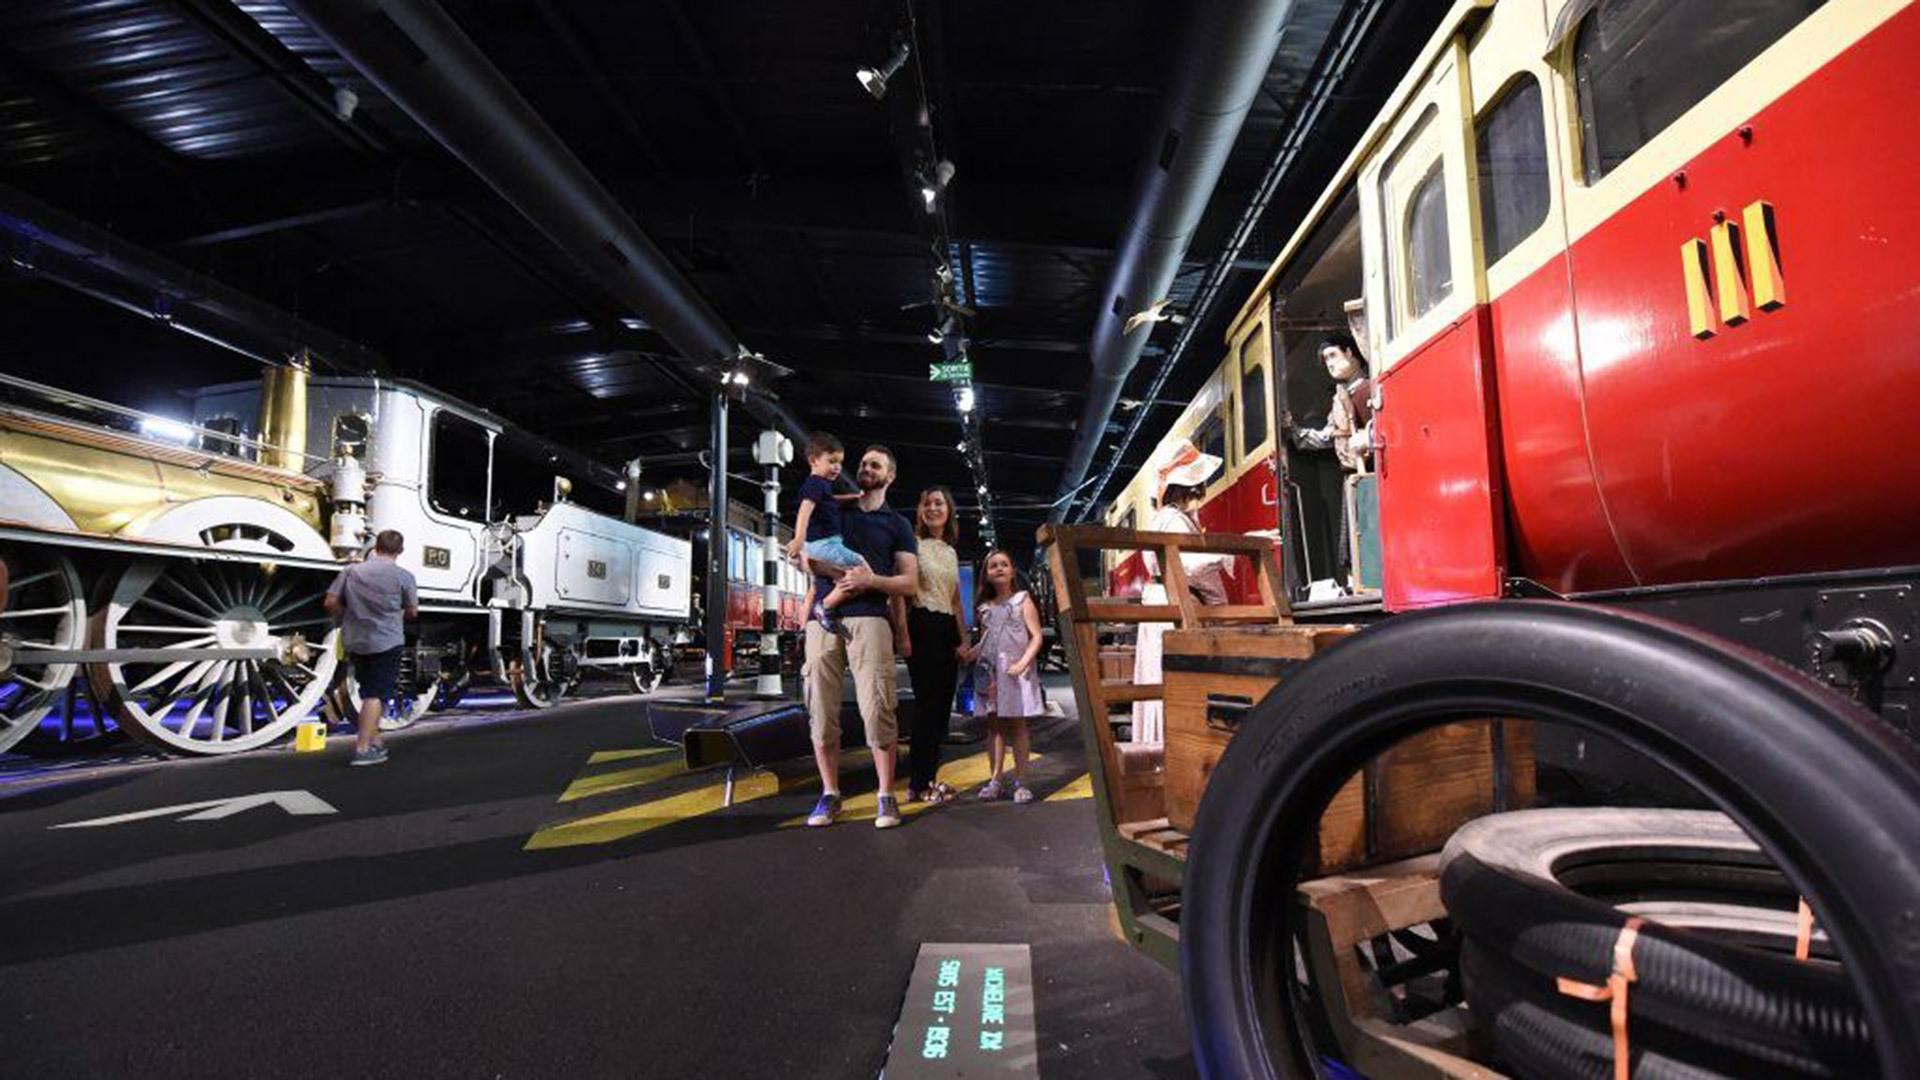 La Cité du Train : ouverture le 8 juin © Photo : Catherine Kohler